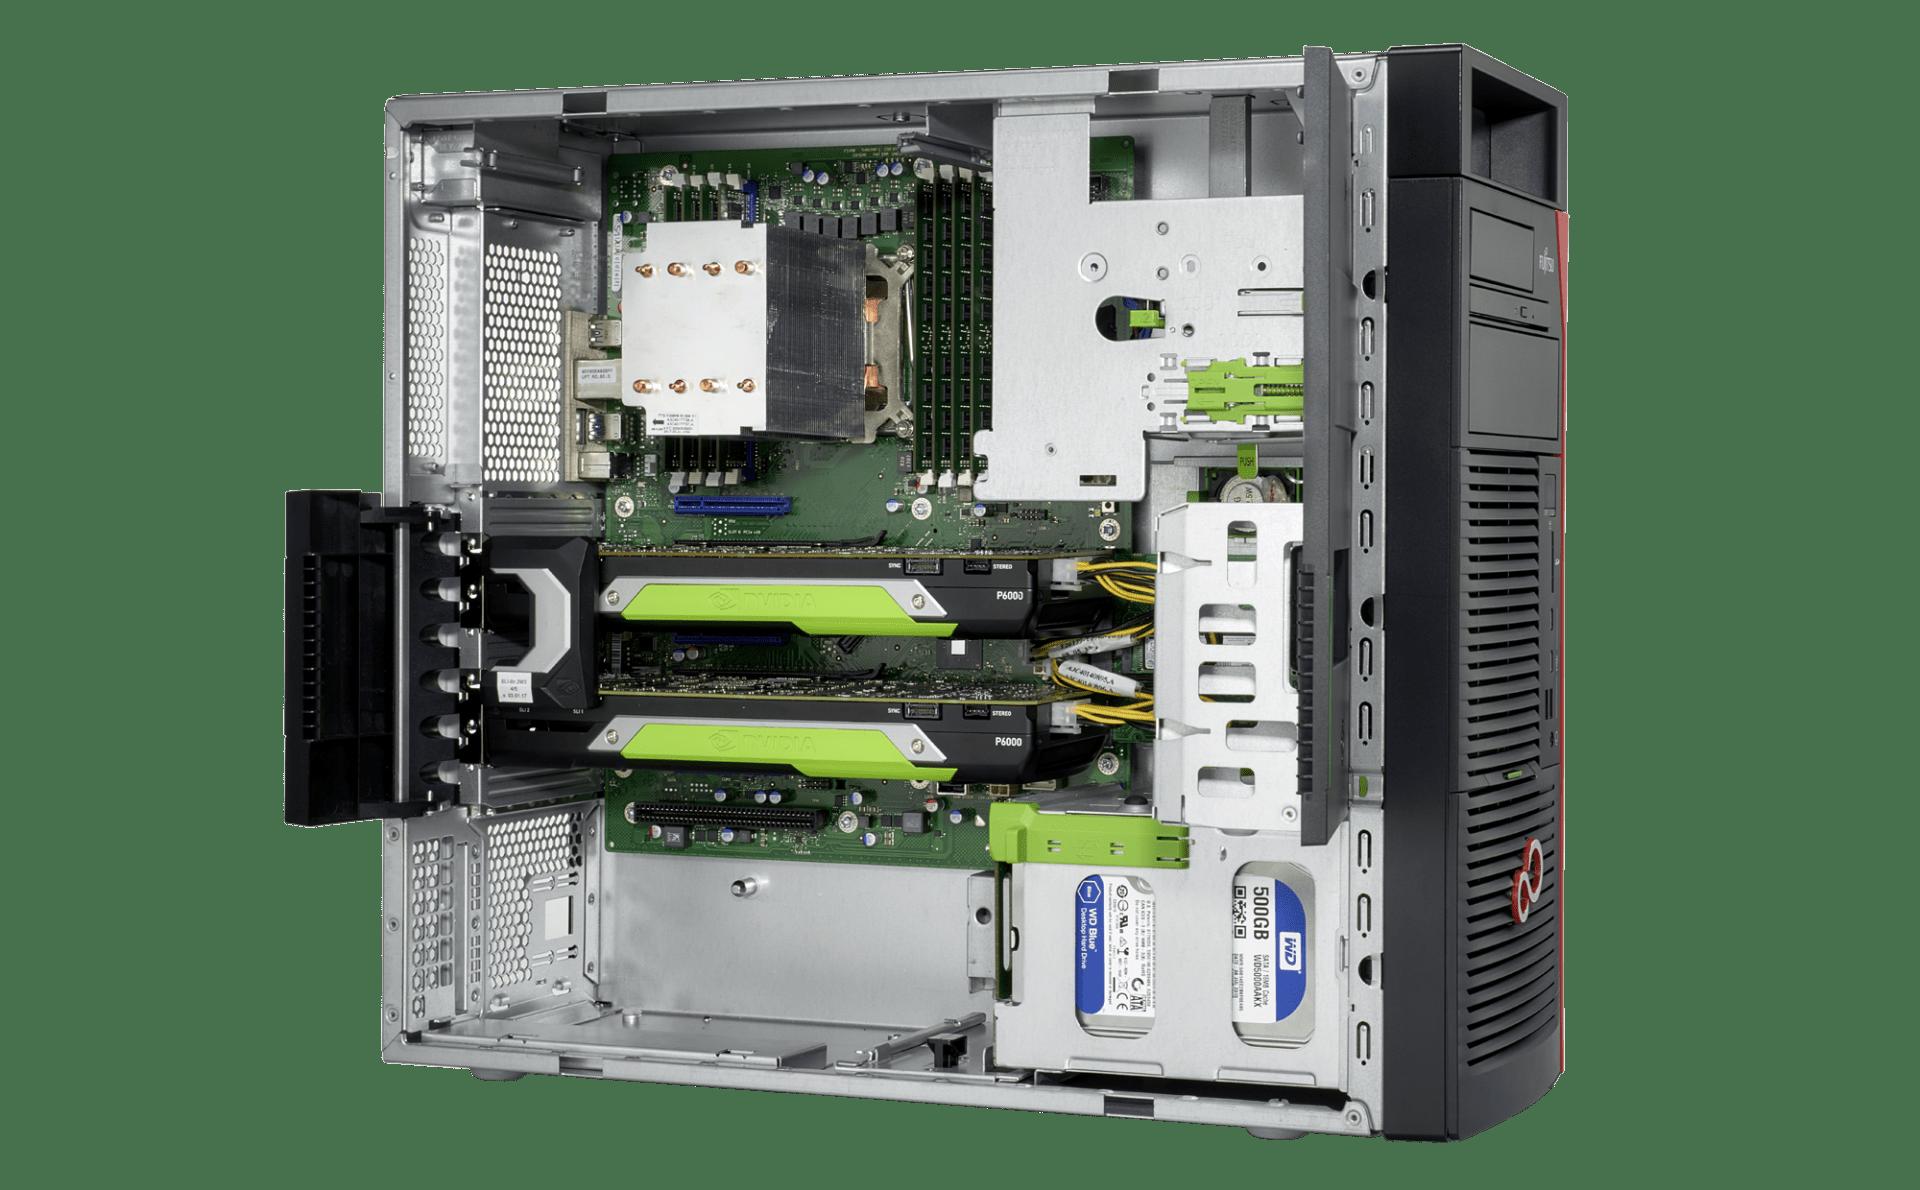 Fujitsu CELSIUS graphics grafične postaje z Nvidia QUADRO, GV100, RTX in AMD Radeon Pro WX SLI grafičnimi za 3D CAD CAE AutoCad